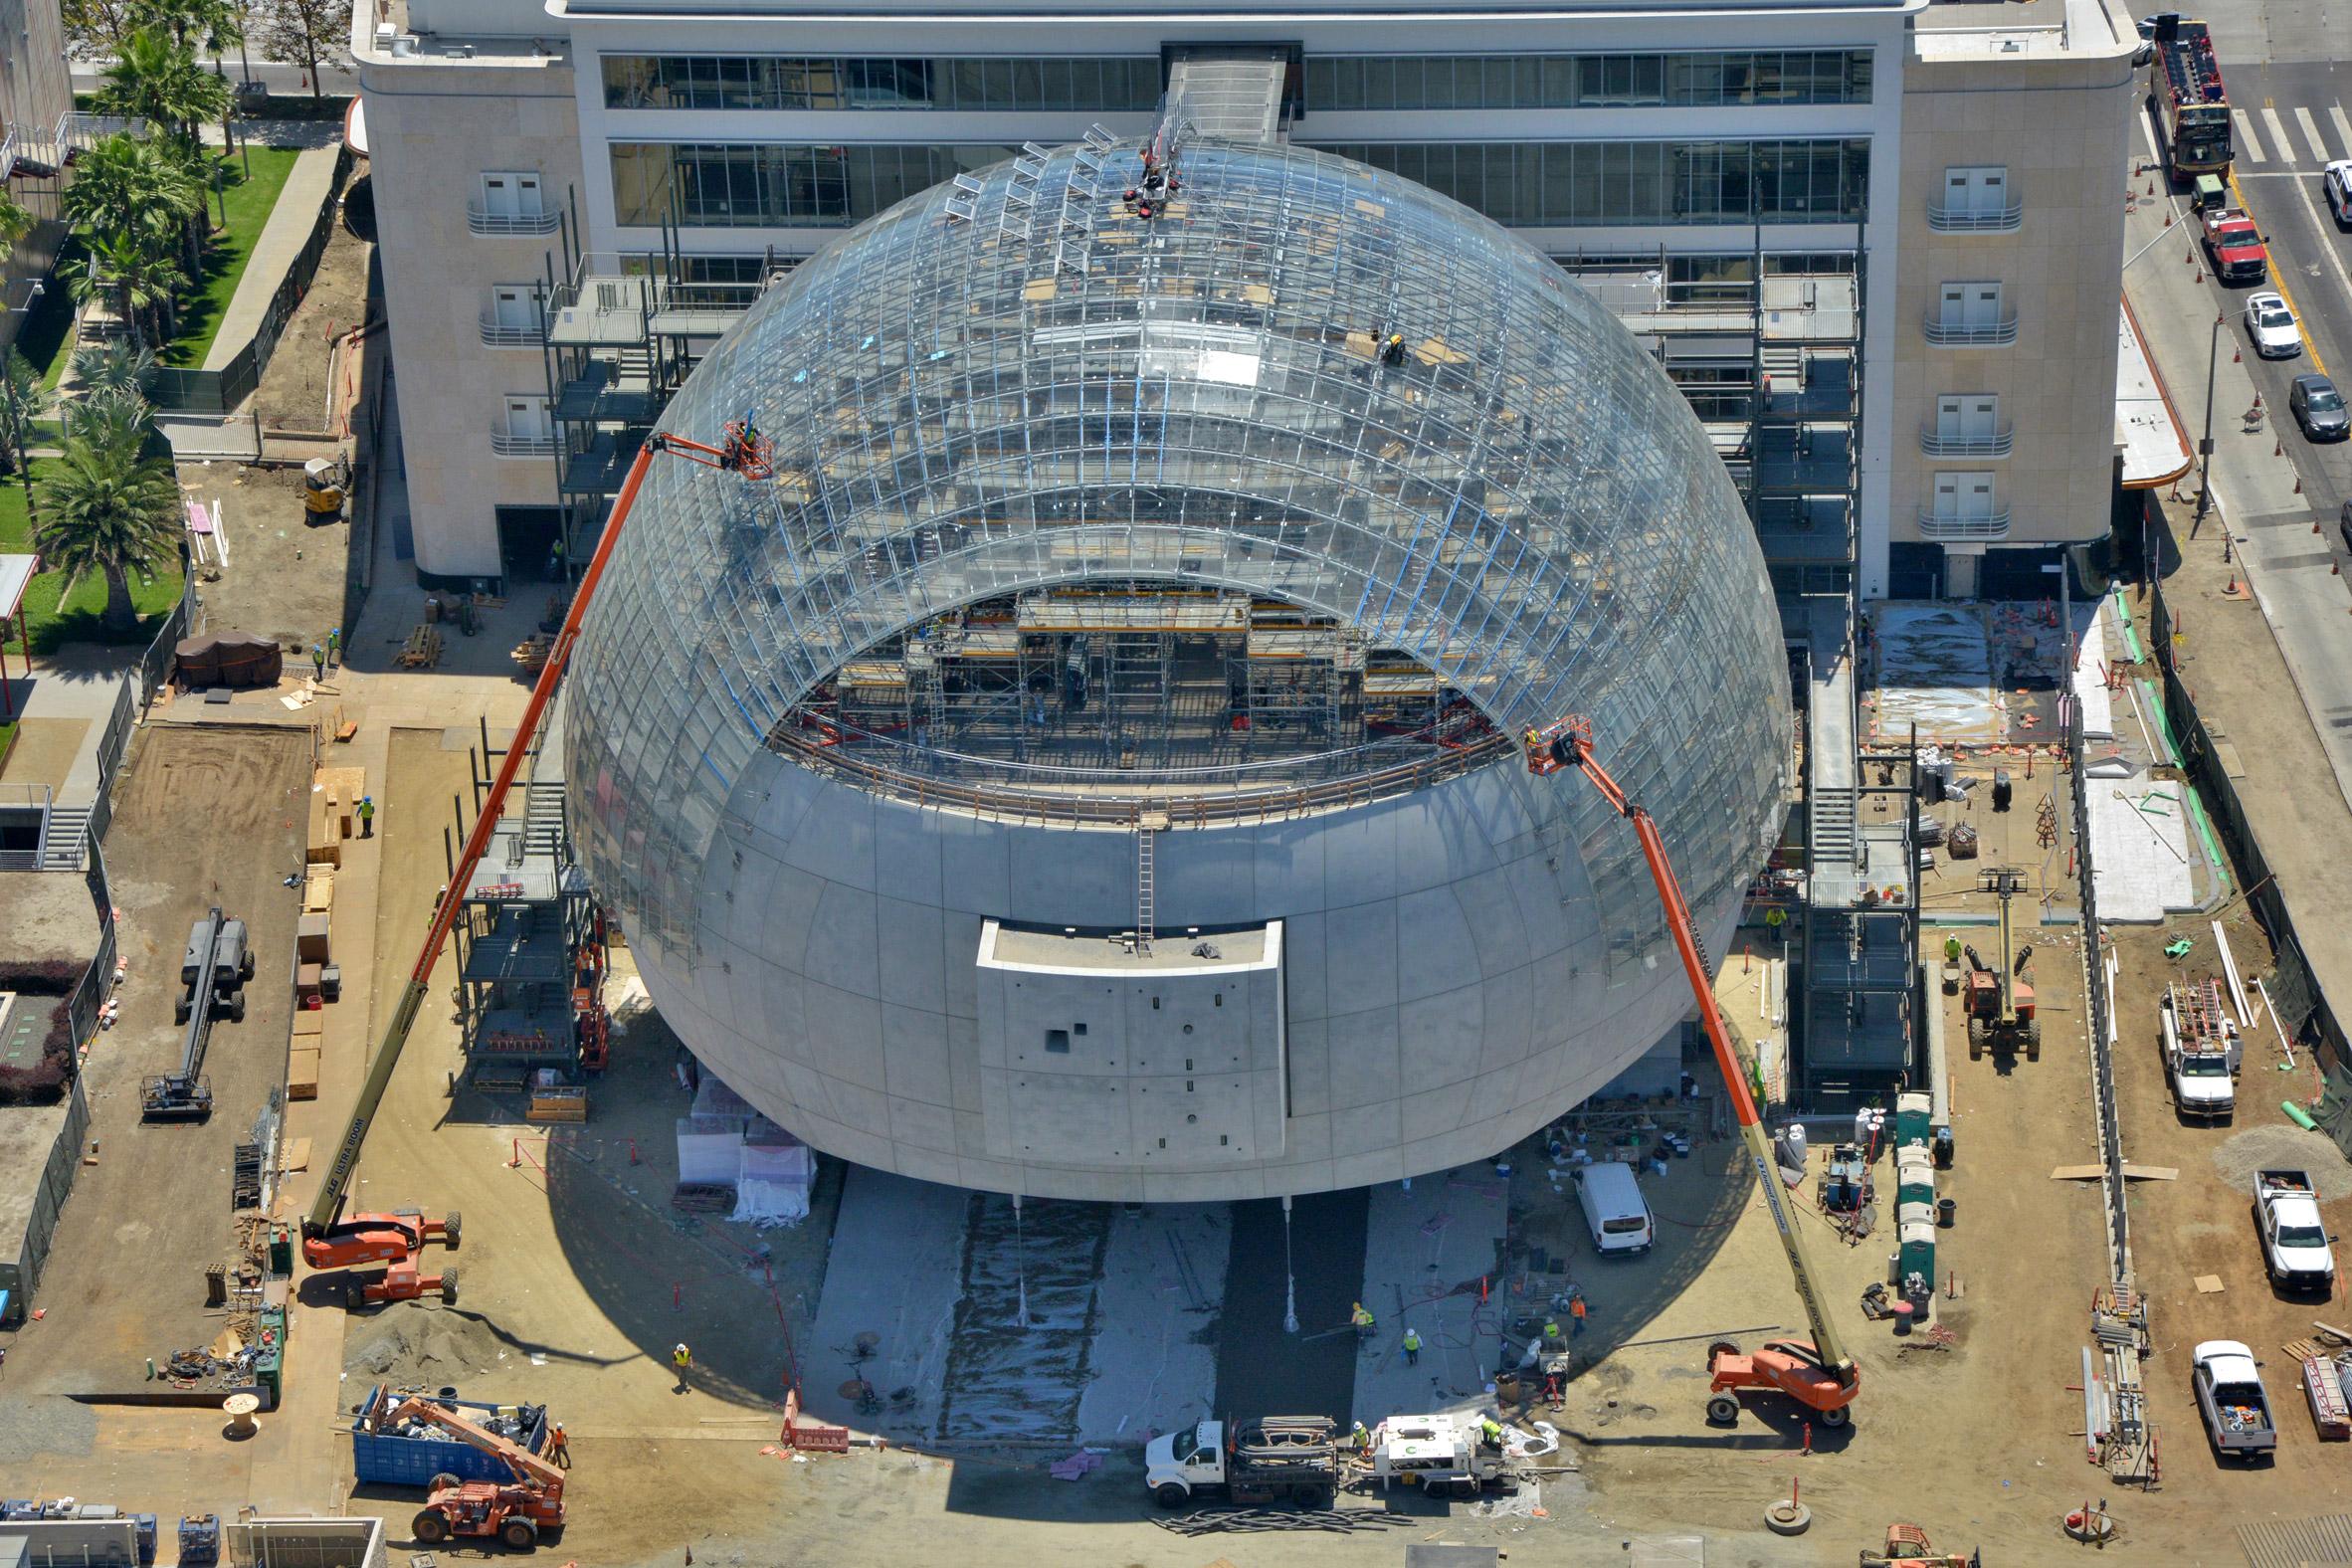 המוזיאון לקולנוע שתכנן רנצו פיאנו, יפתח בלוס אנג'לס בדצמבר